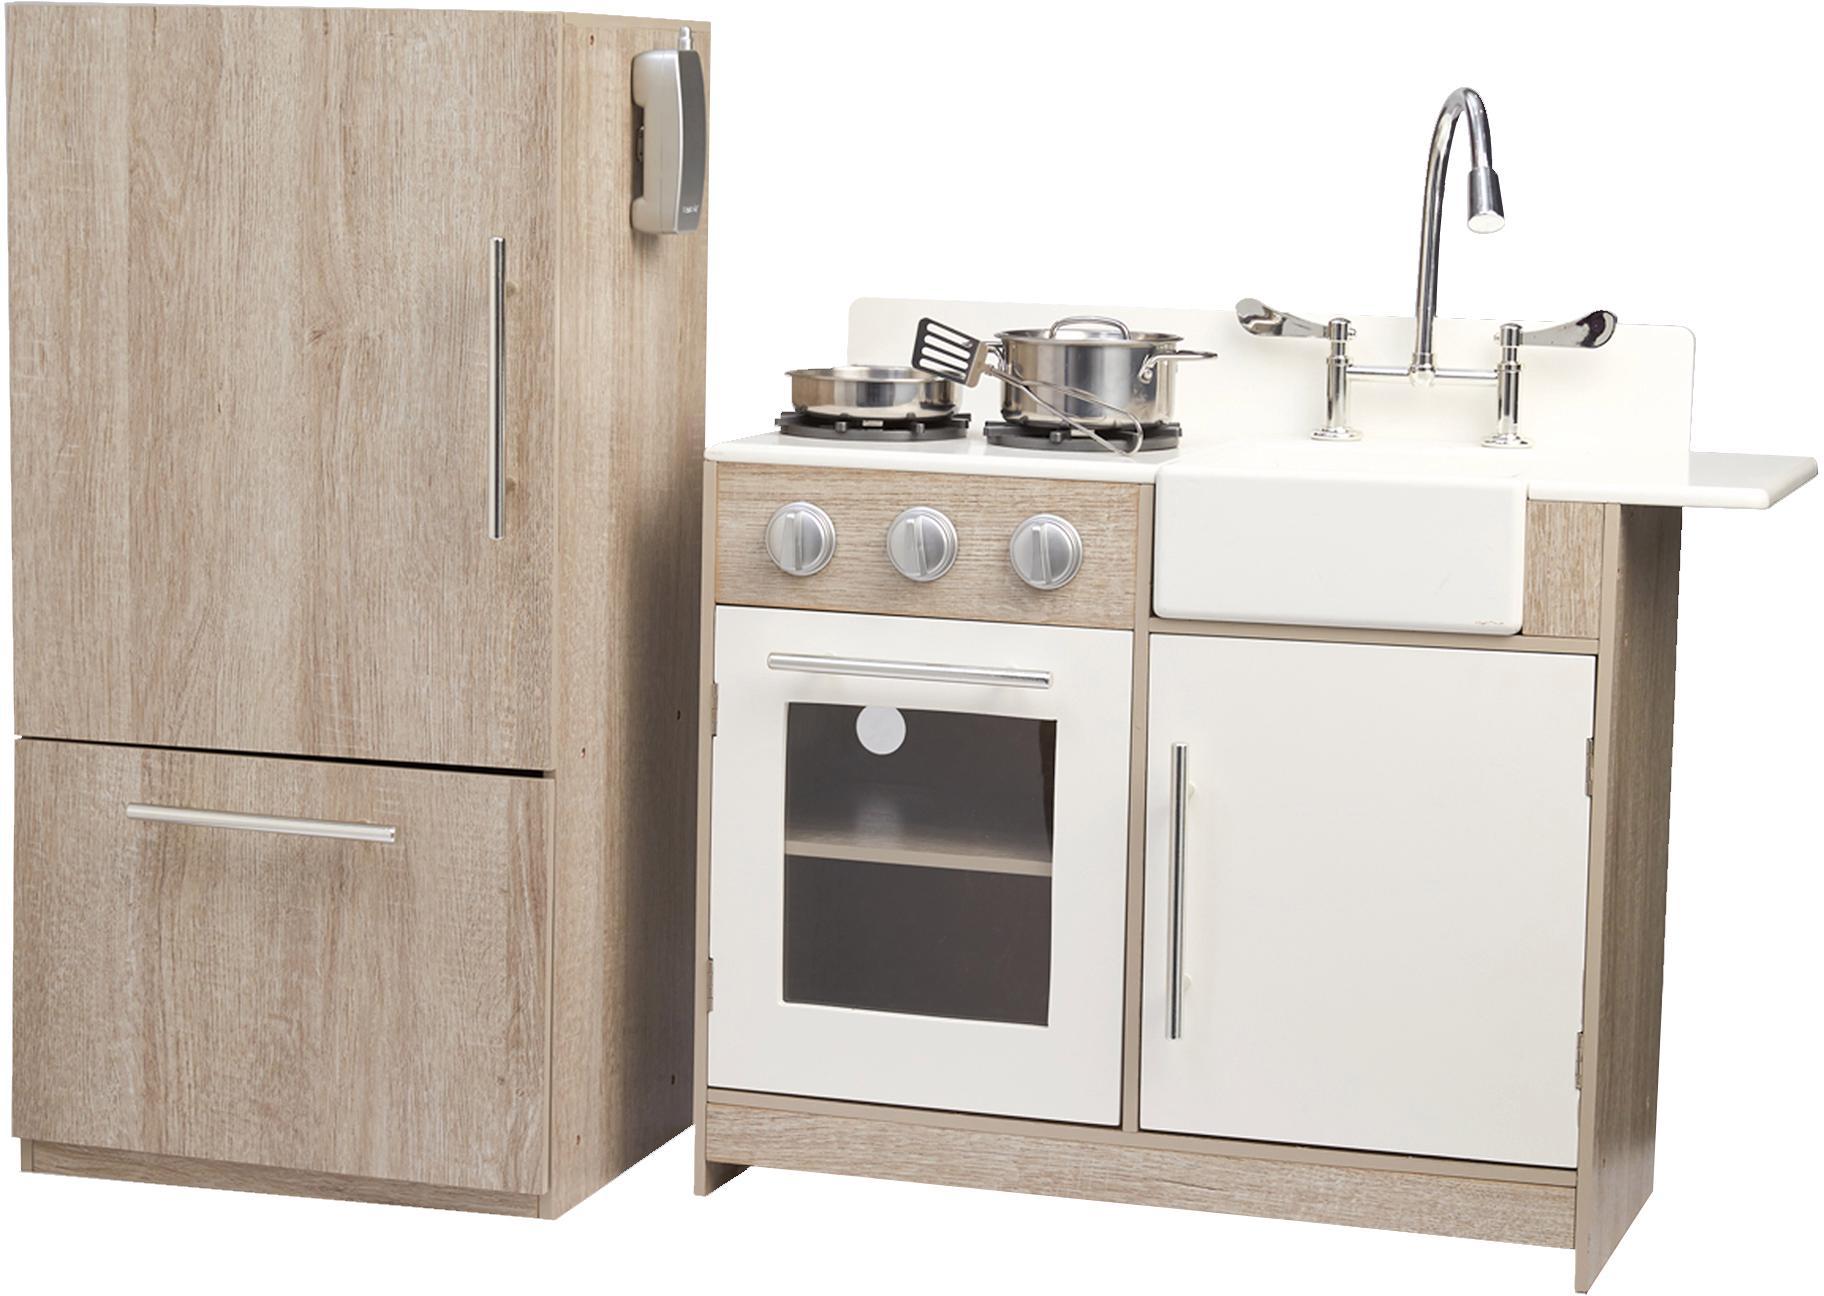 Quelle Küchenofen : Howa spielküche preisvergleich u2022 die besten angebote online kaufen